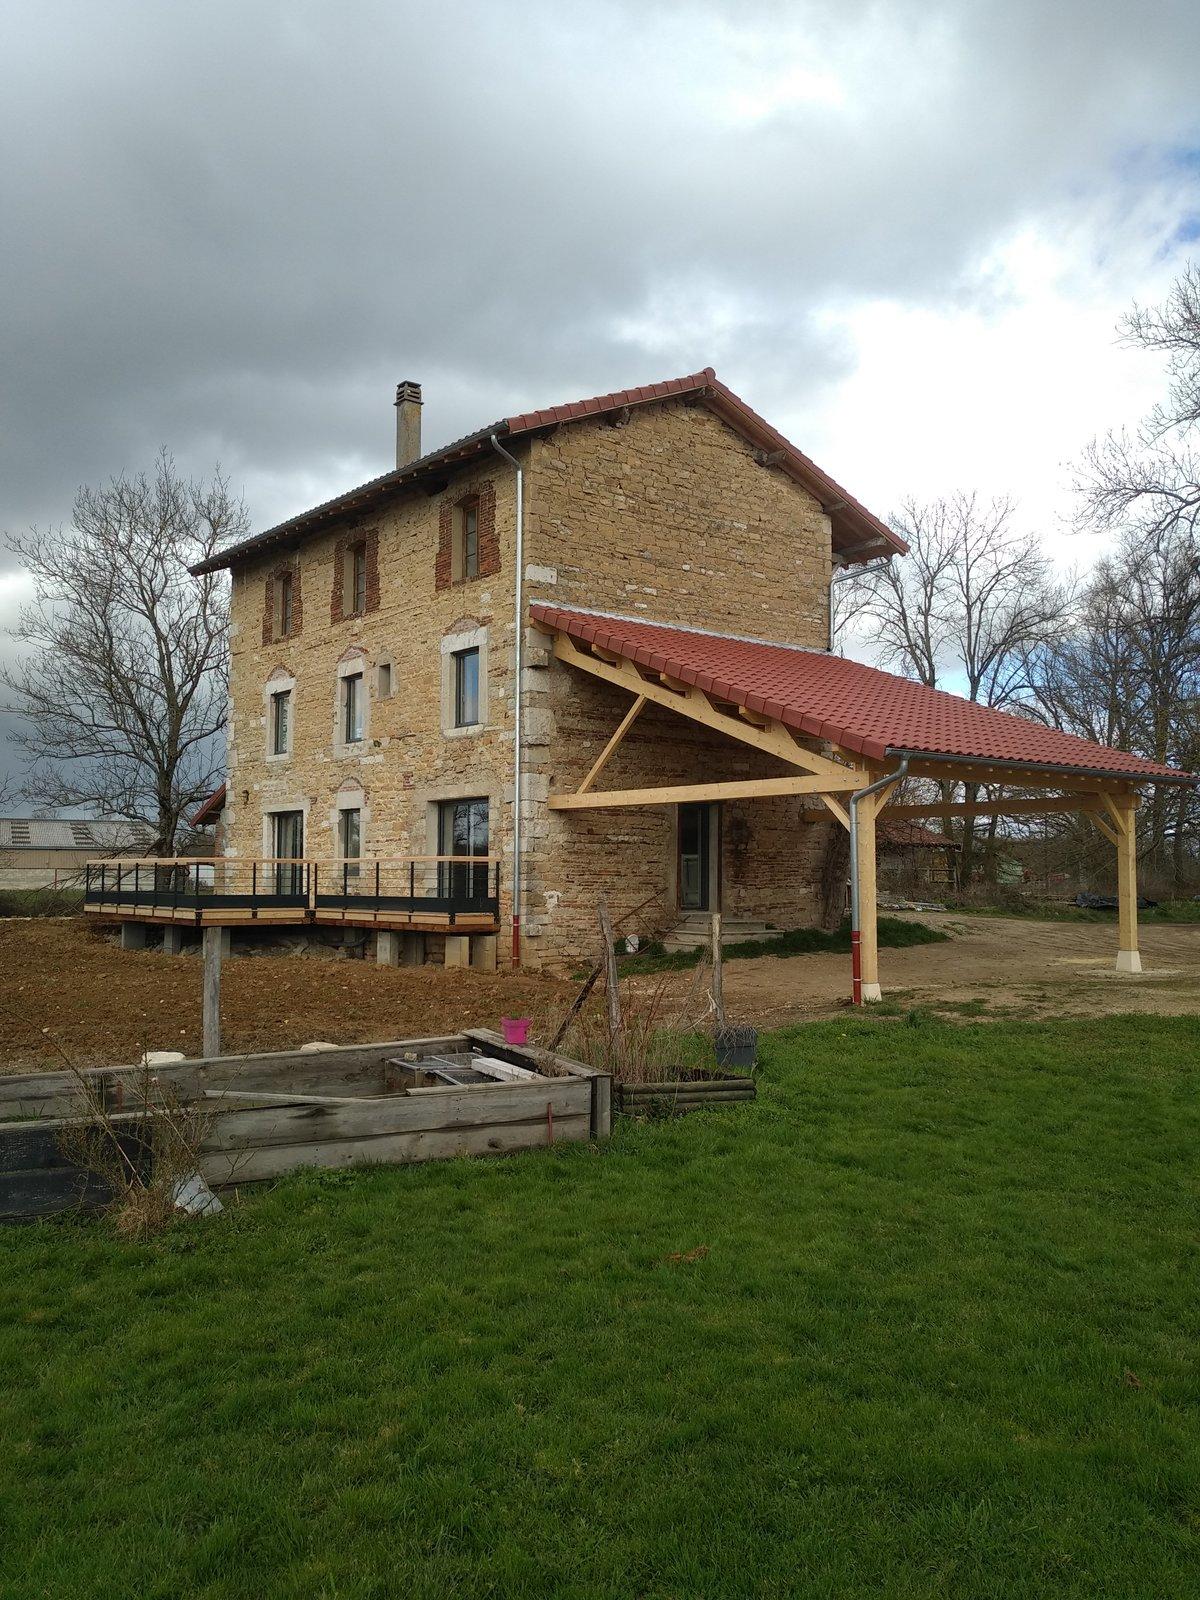 rénovation toiture, abris voiture et terrasse bois après